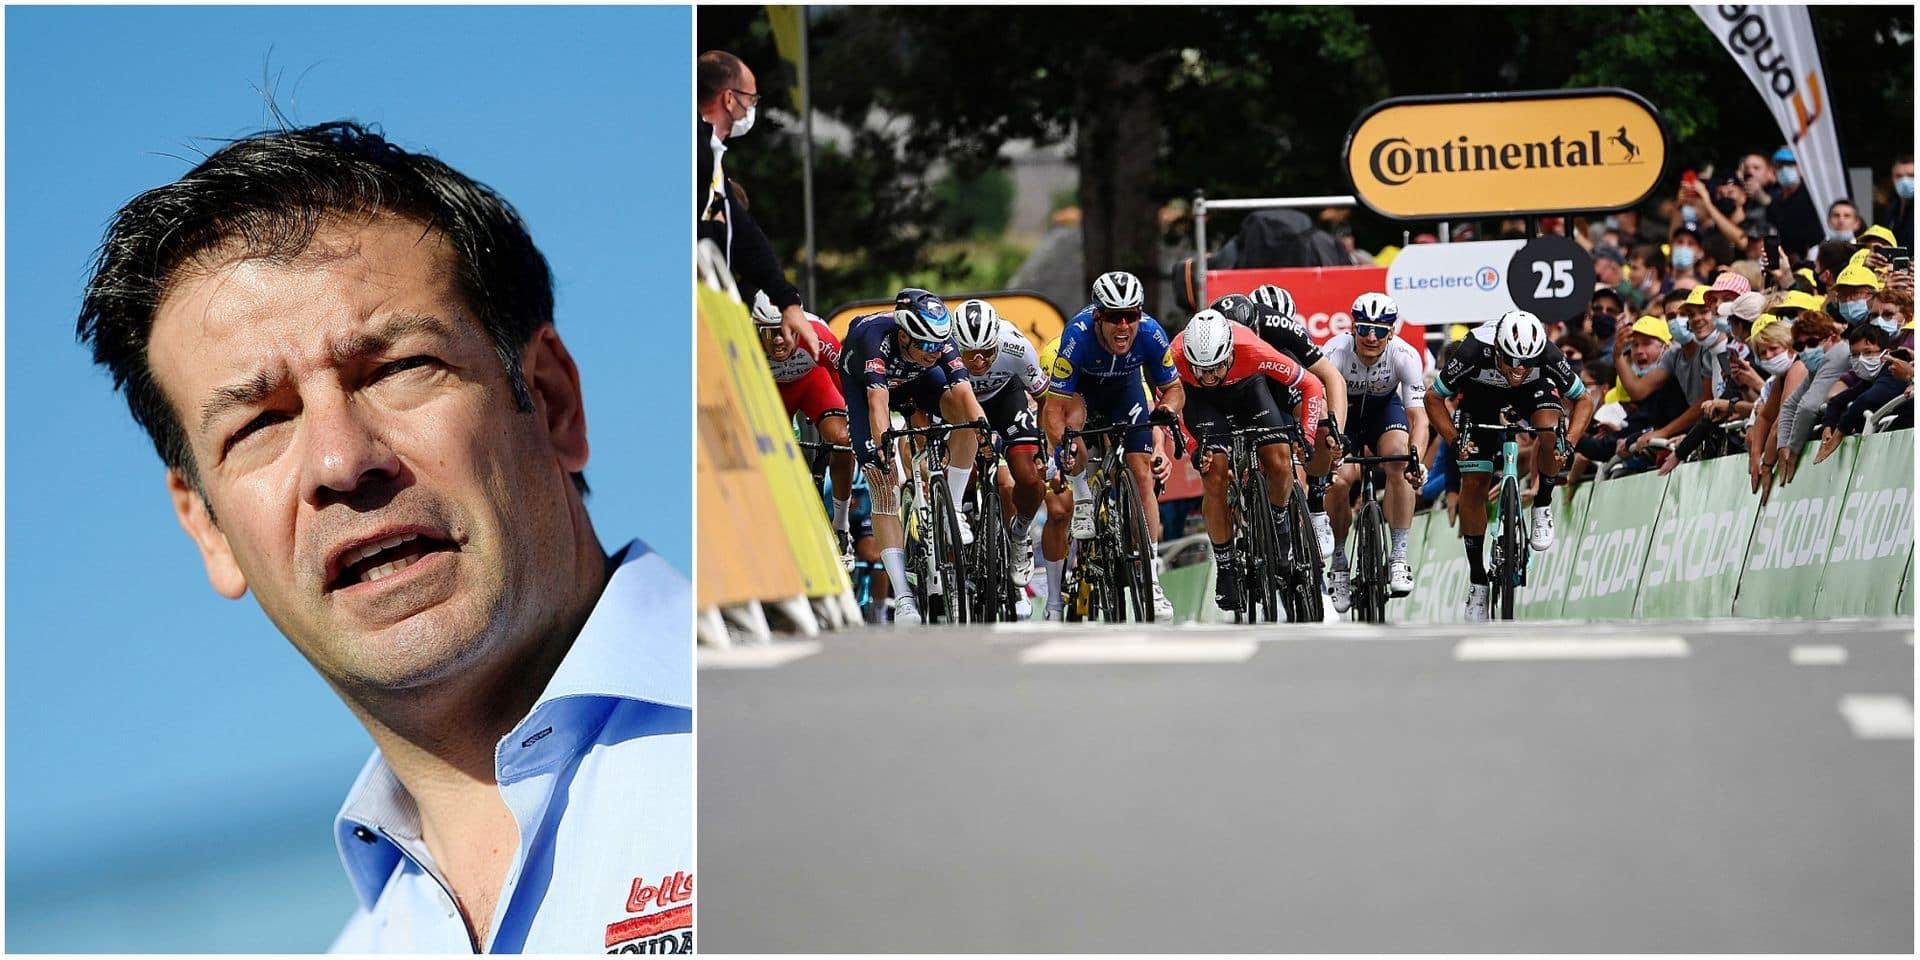 """La 6e étape du Tour de France vue par John Lelangue: """"Un sprint royal lors duquel la vitesse risque d'être extrêmement élevée !"""""""